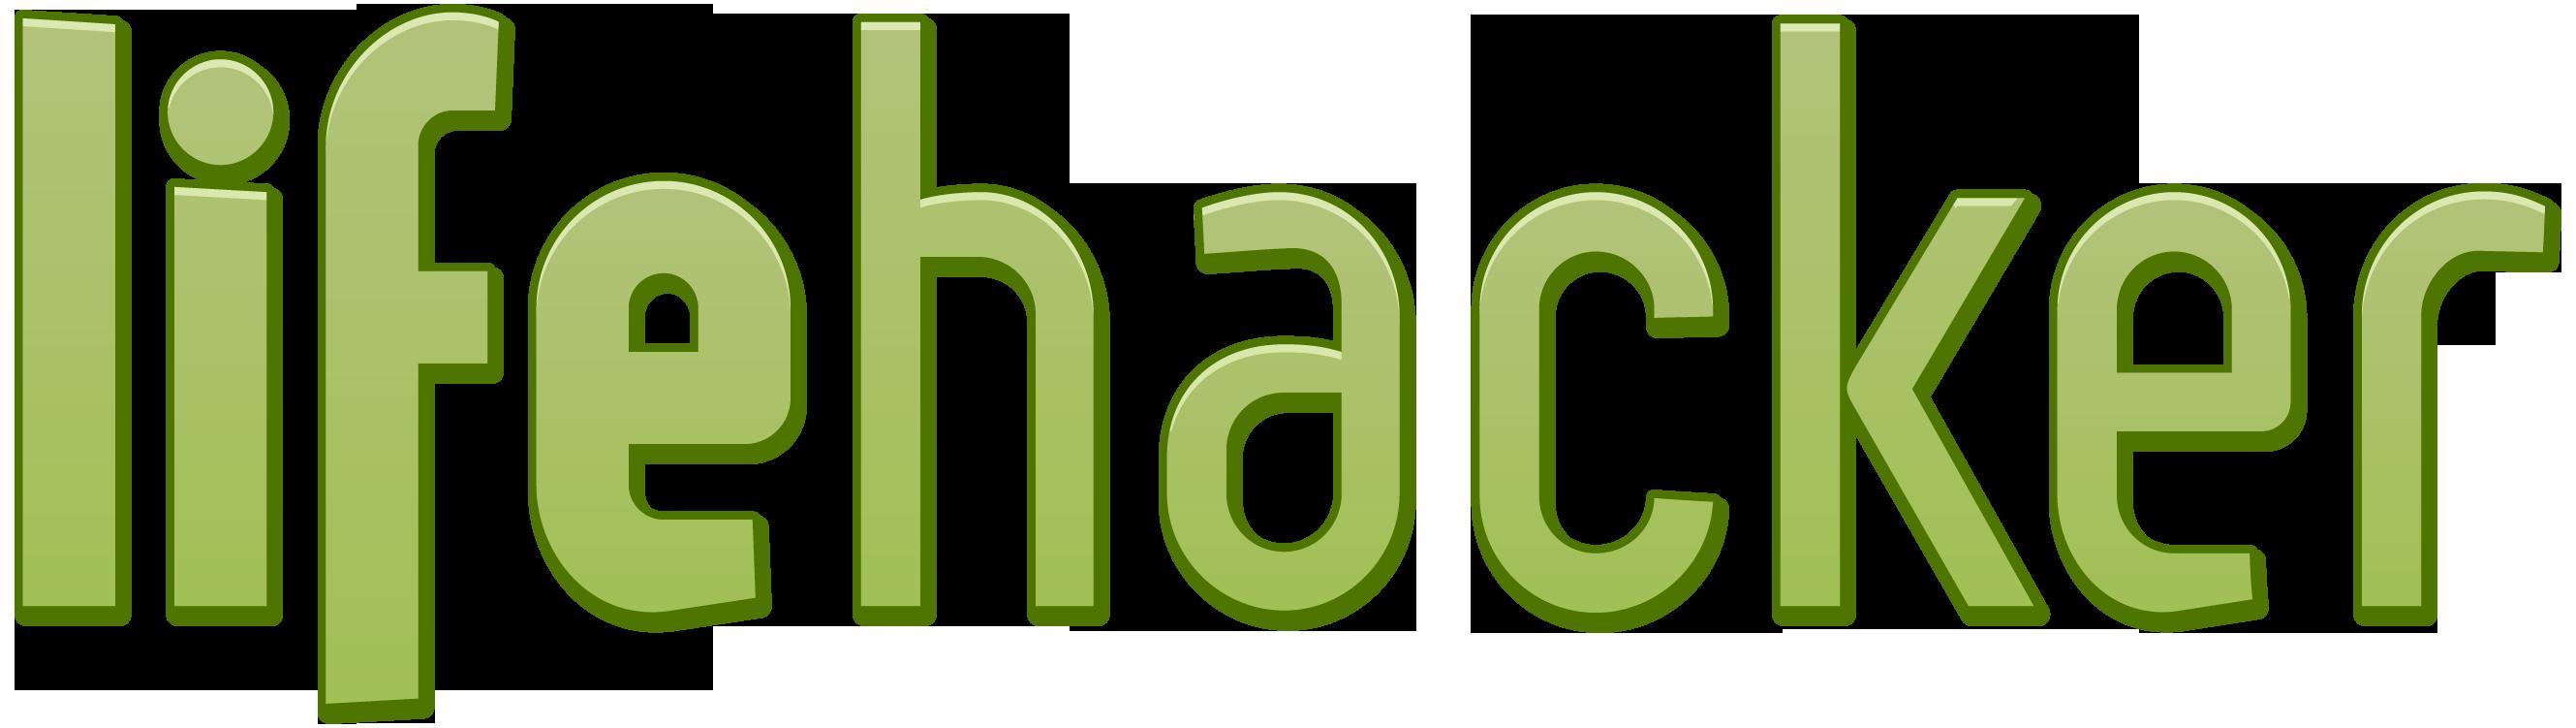 File:lifehacker Logog